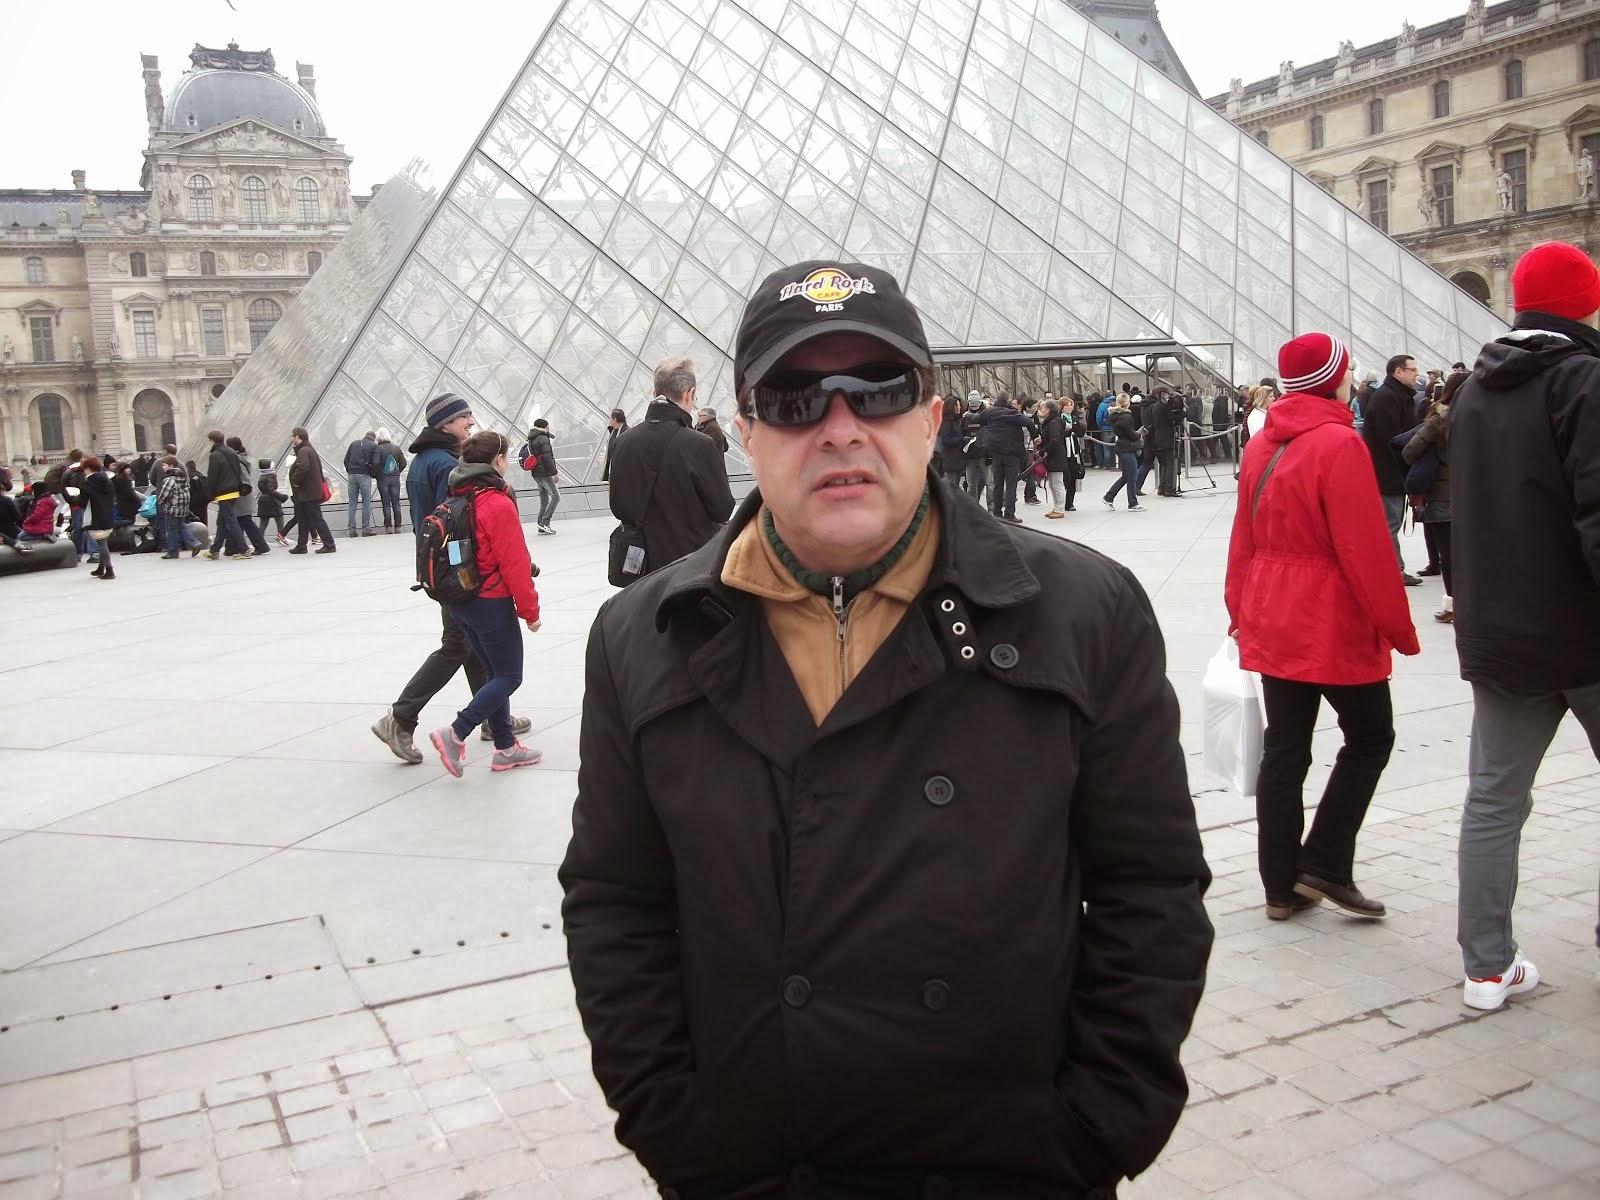 Museu Louvre - Paris.